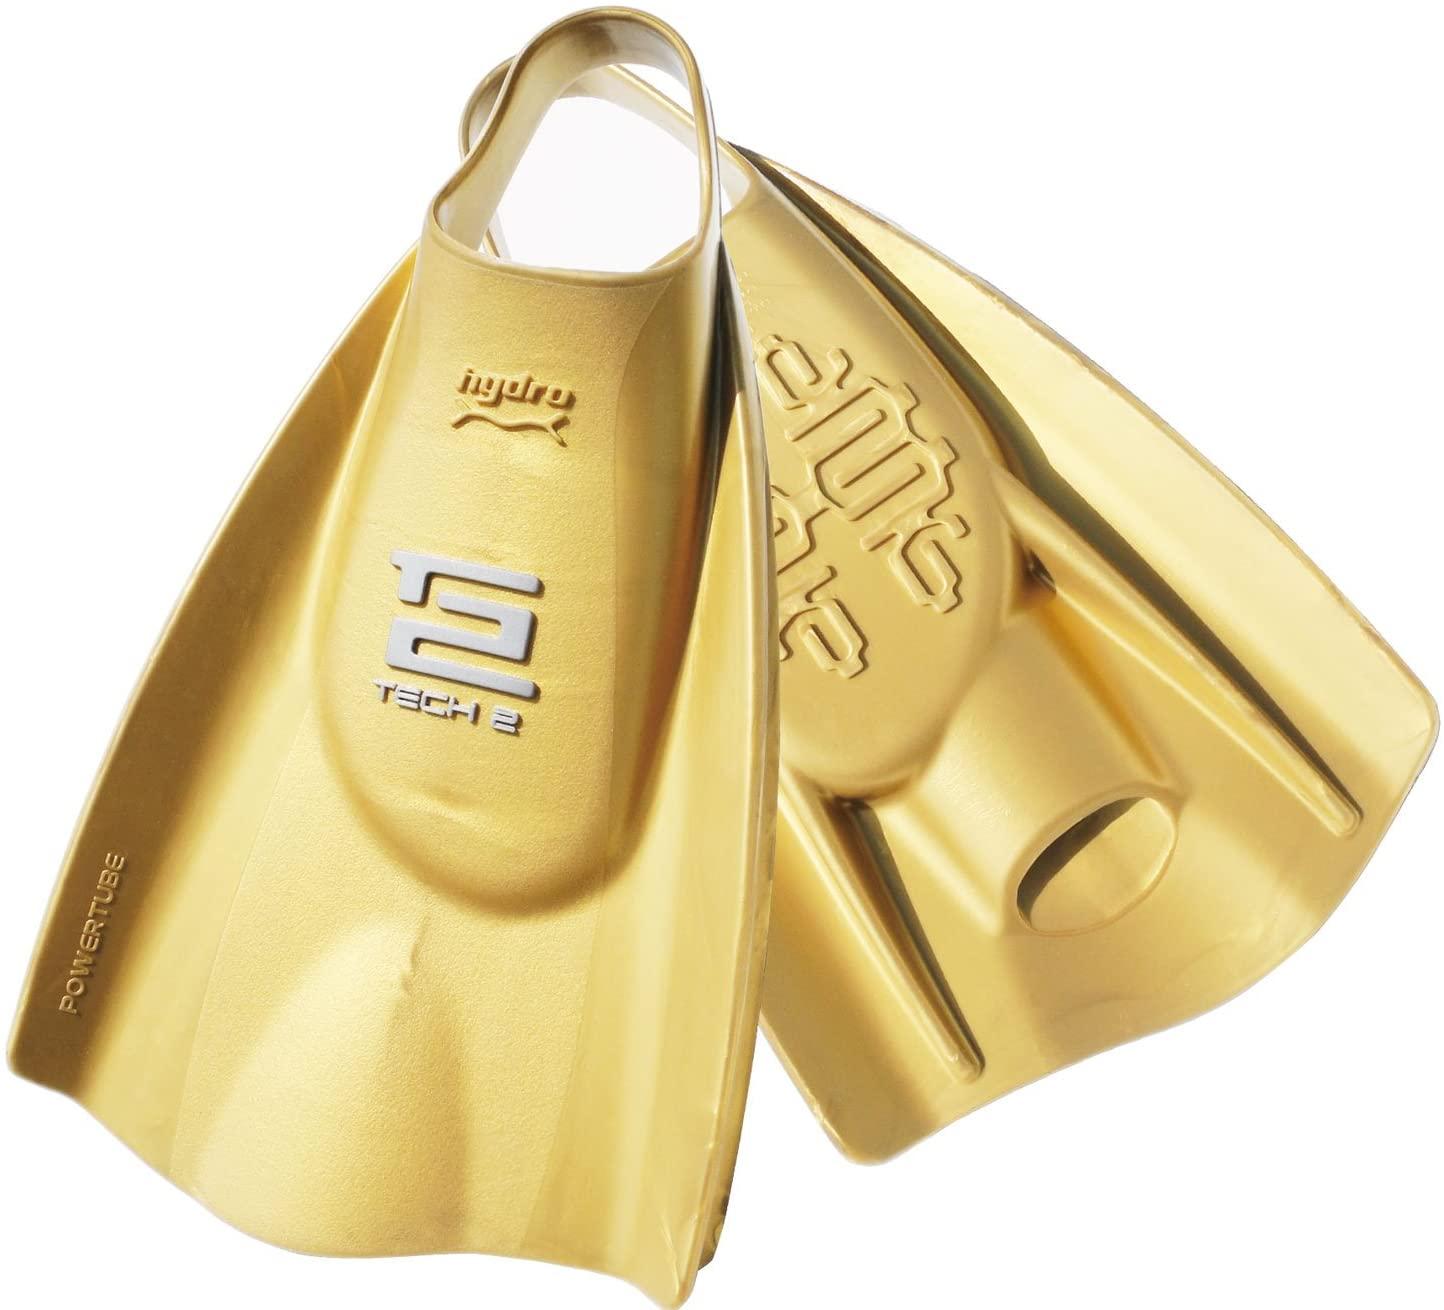 現金特価 スイミング パワーフィン SOLINT-201180 Soltecswim ソルテックスイム 201180 テック2フィン トレーニング用フィン 27.0-28.0CM 203033 ハードフィン スイムゴールド ML 35%OFF